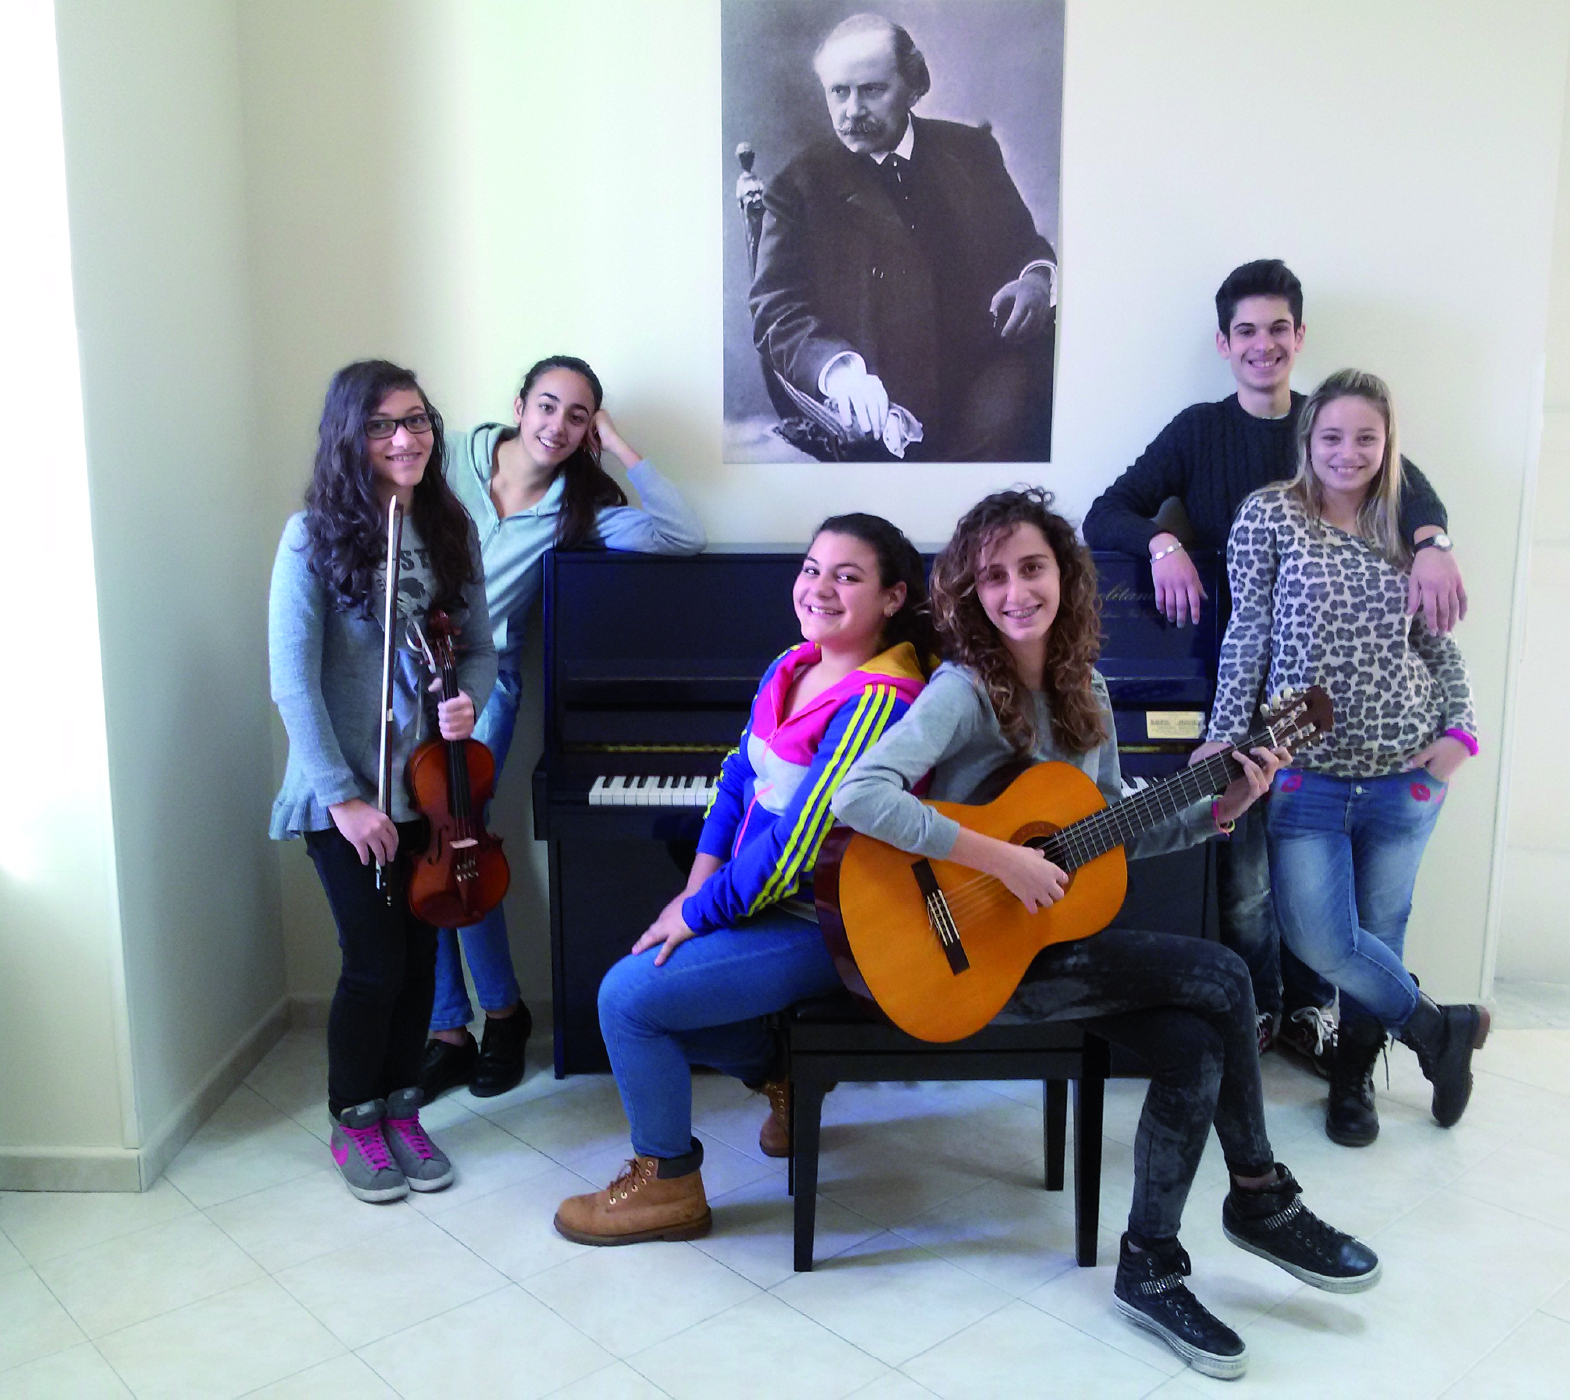 Liceo Musicale Di Martino Aladino Portici - Napoli  musicale liceo agrigento veneto liceo